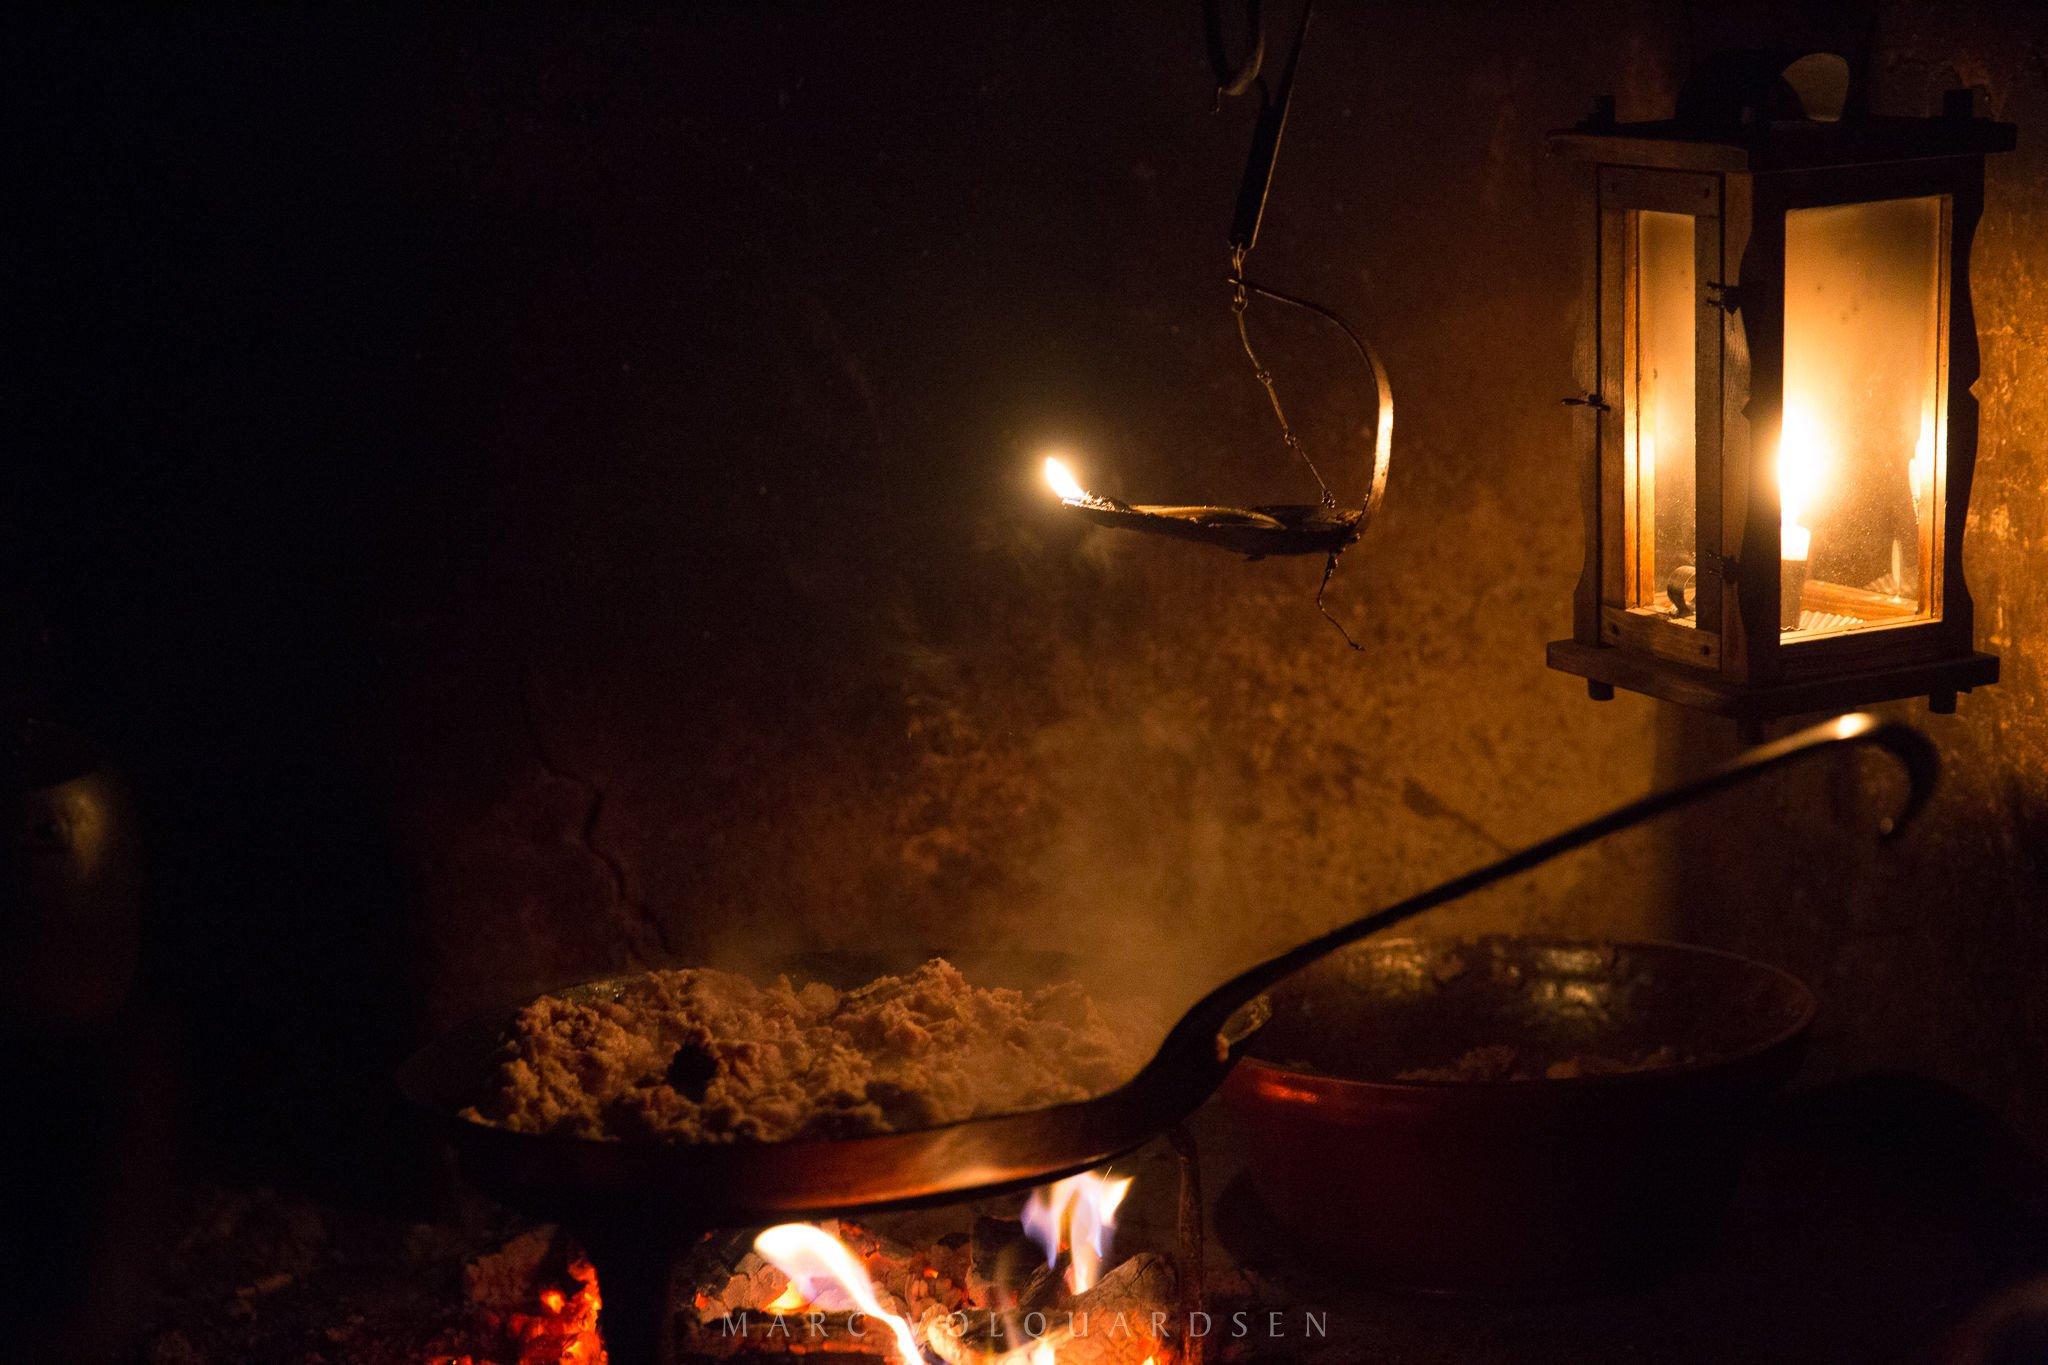 Kiekeberg - Feuer & Licht - Herdfeuer (0200)